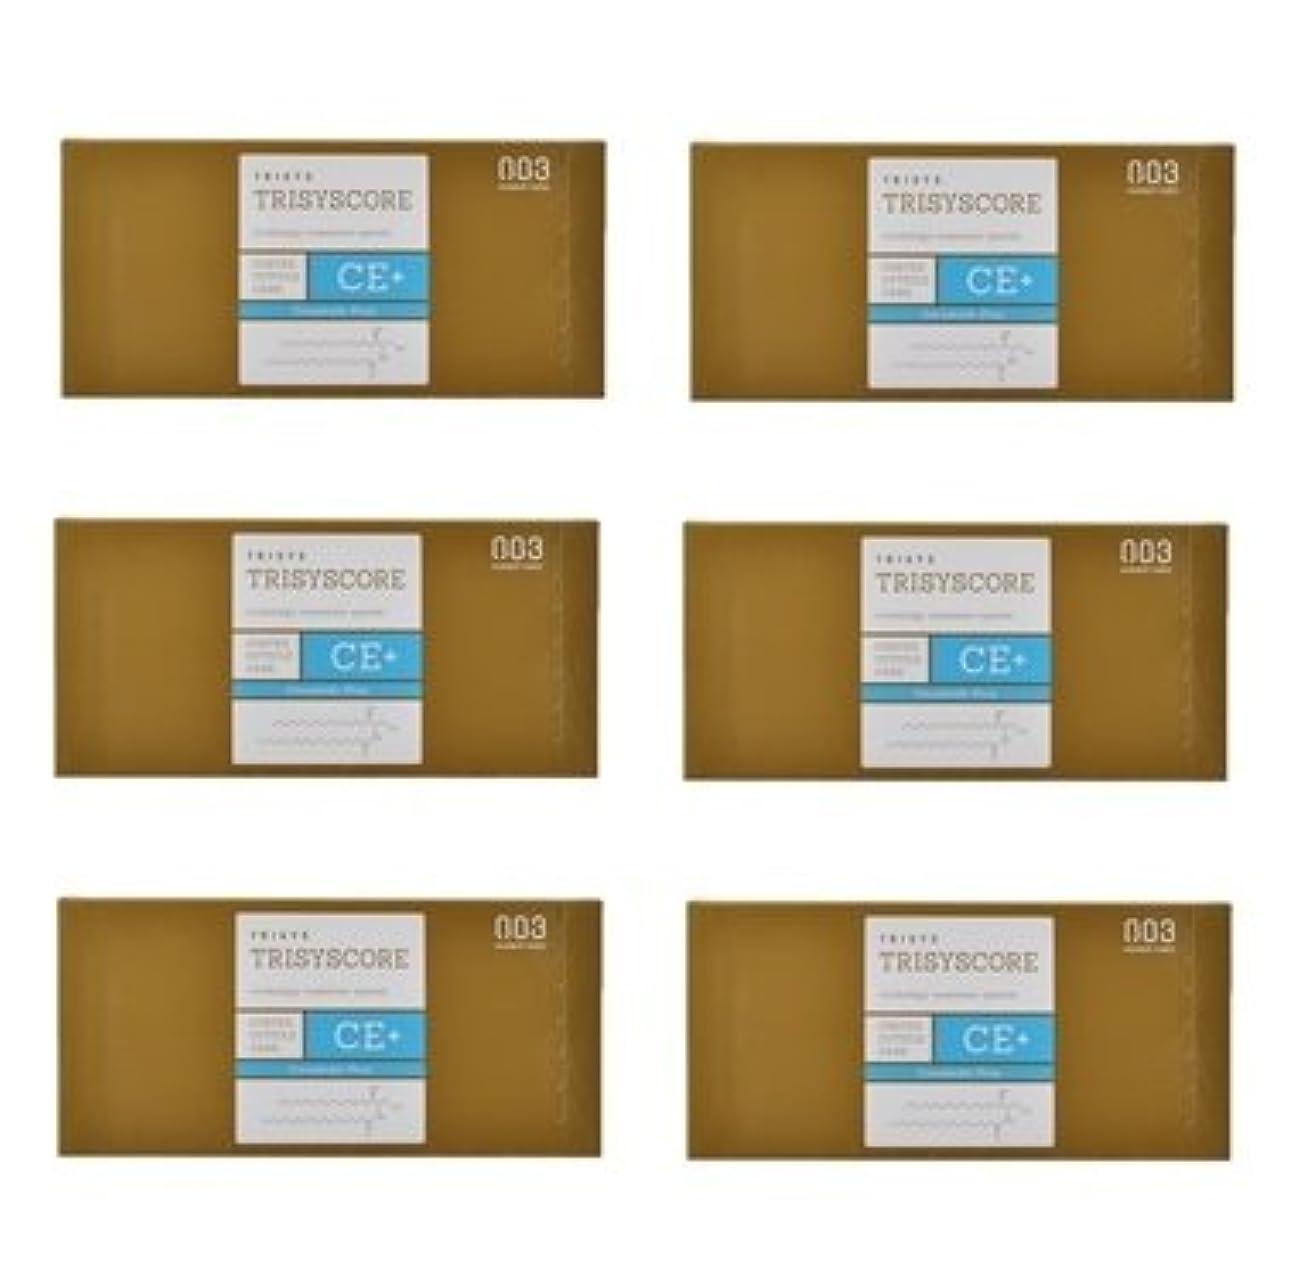 かんたん調べるボイコット【X6個セット】ナンバースリー トリシスコア CEプラス (ヘアトリートメント) 12g × 4包入り